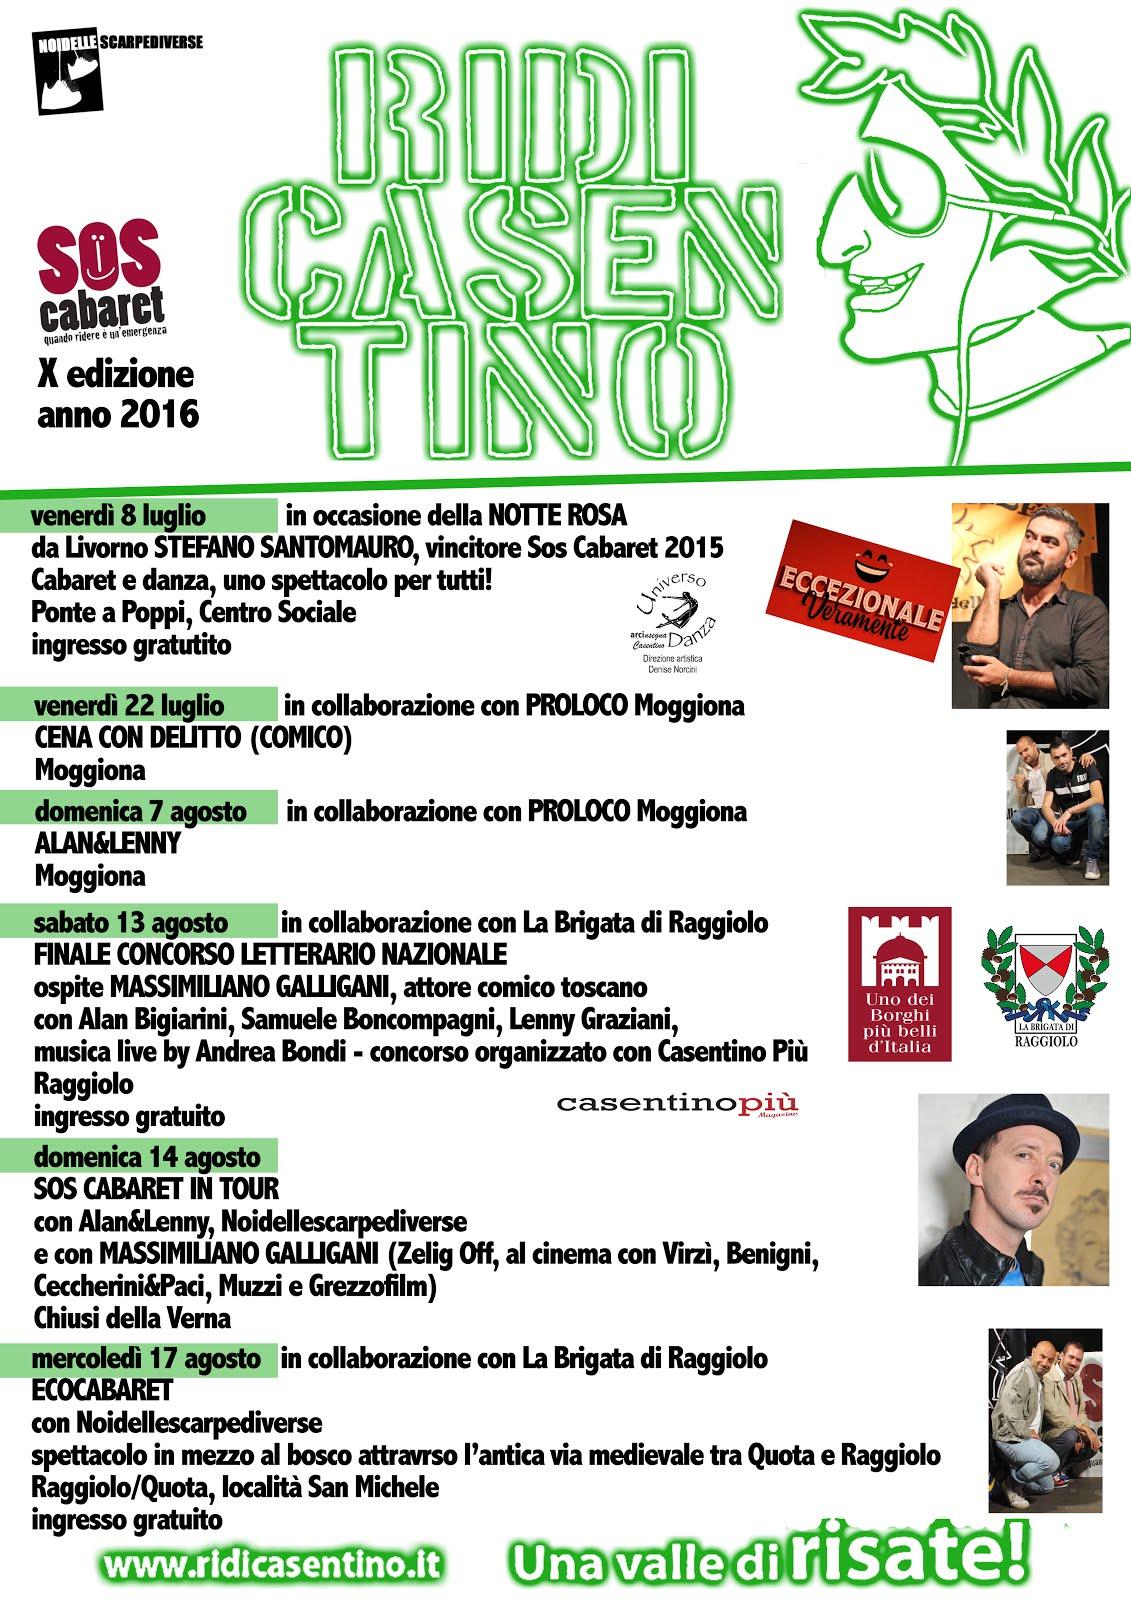 RidiCasentino Festival